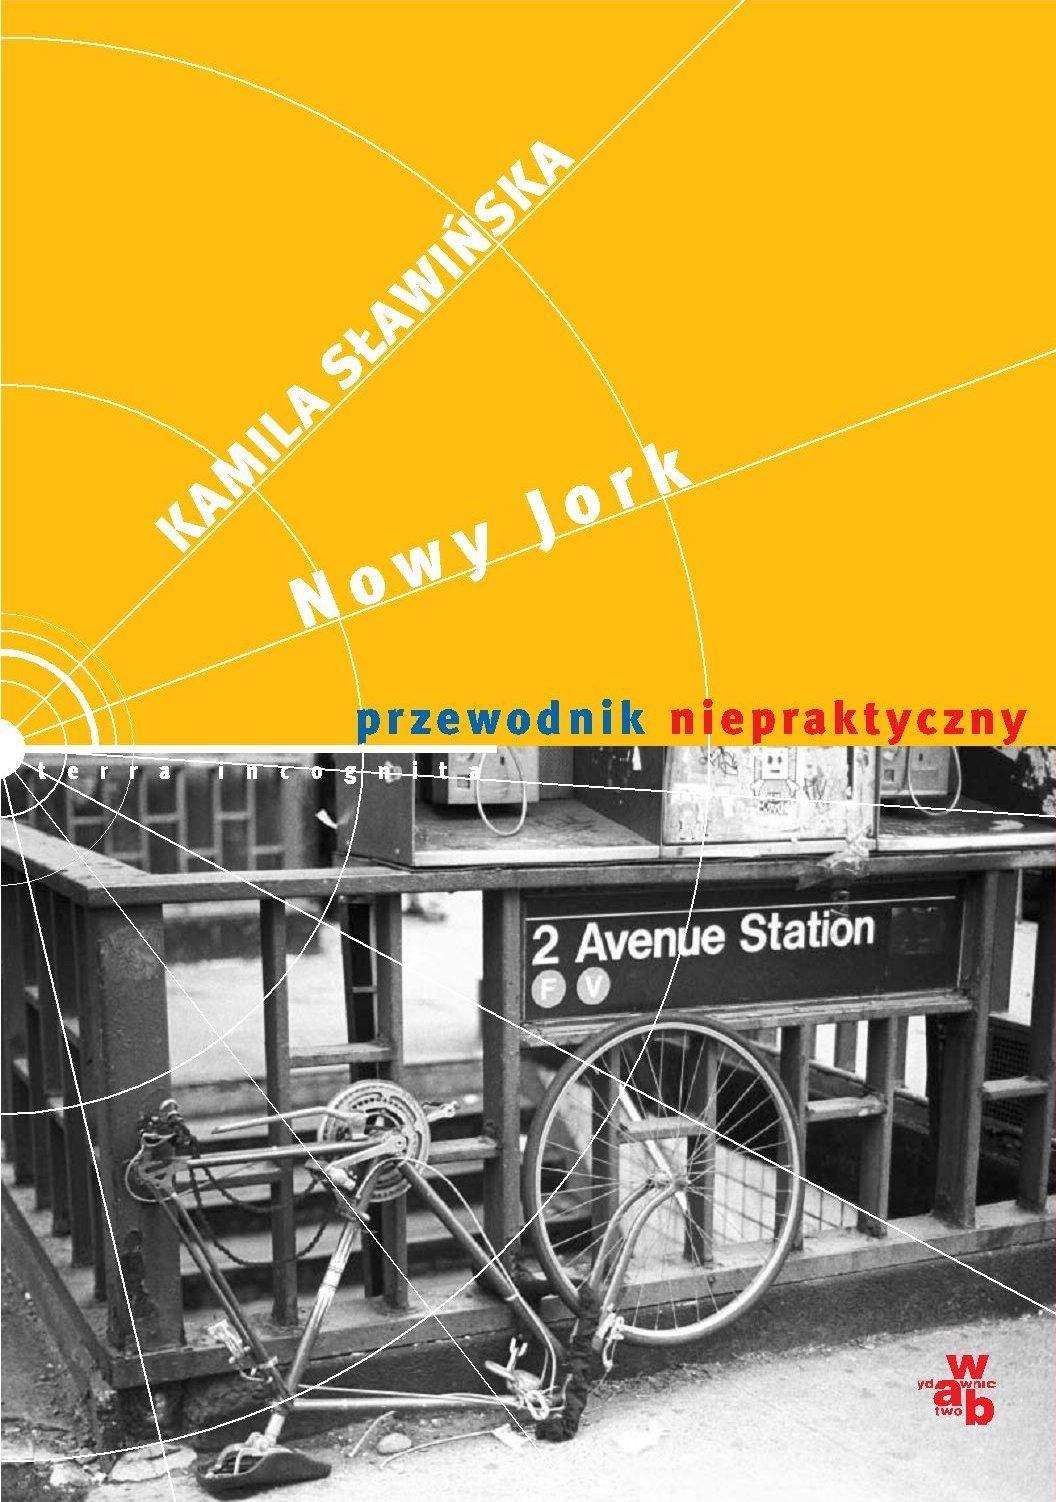 Nowy Jork. Przewodnik niepraktyczny - Ebook (Książka na Kindle) do pobrania w formacie MOBI